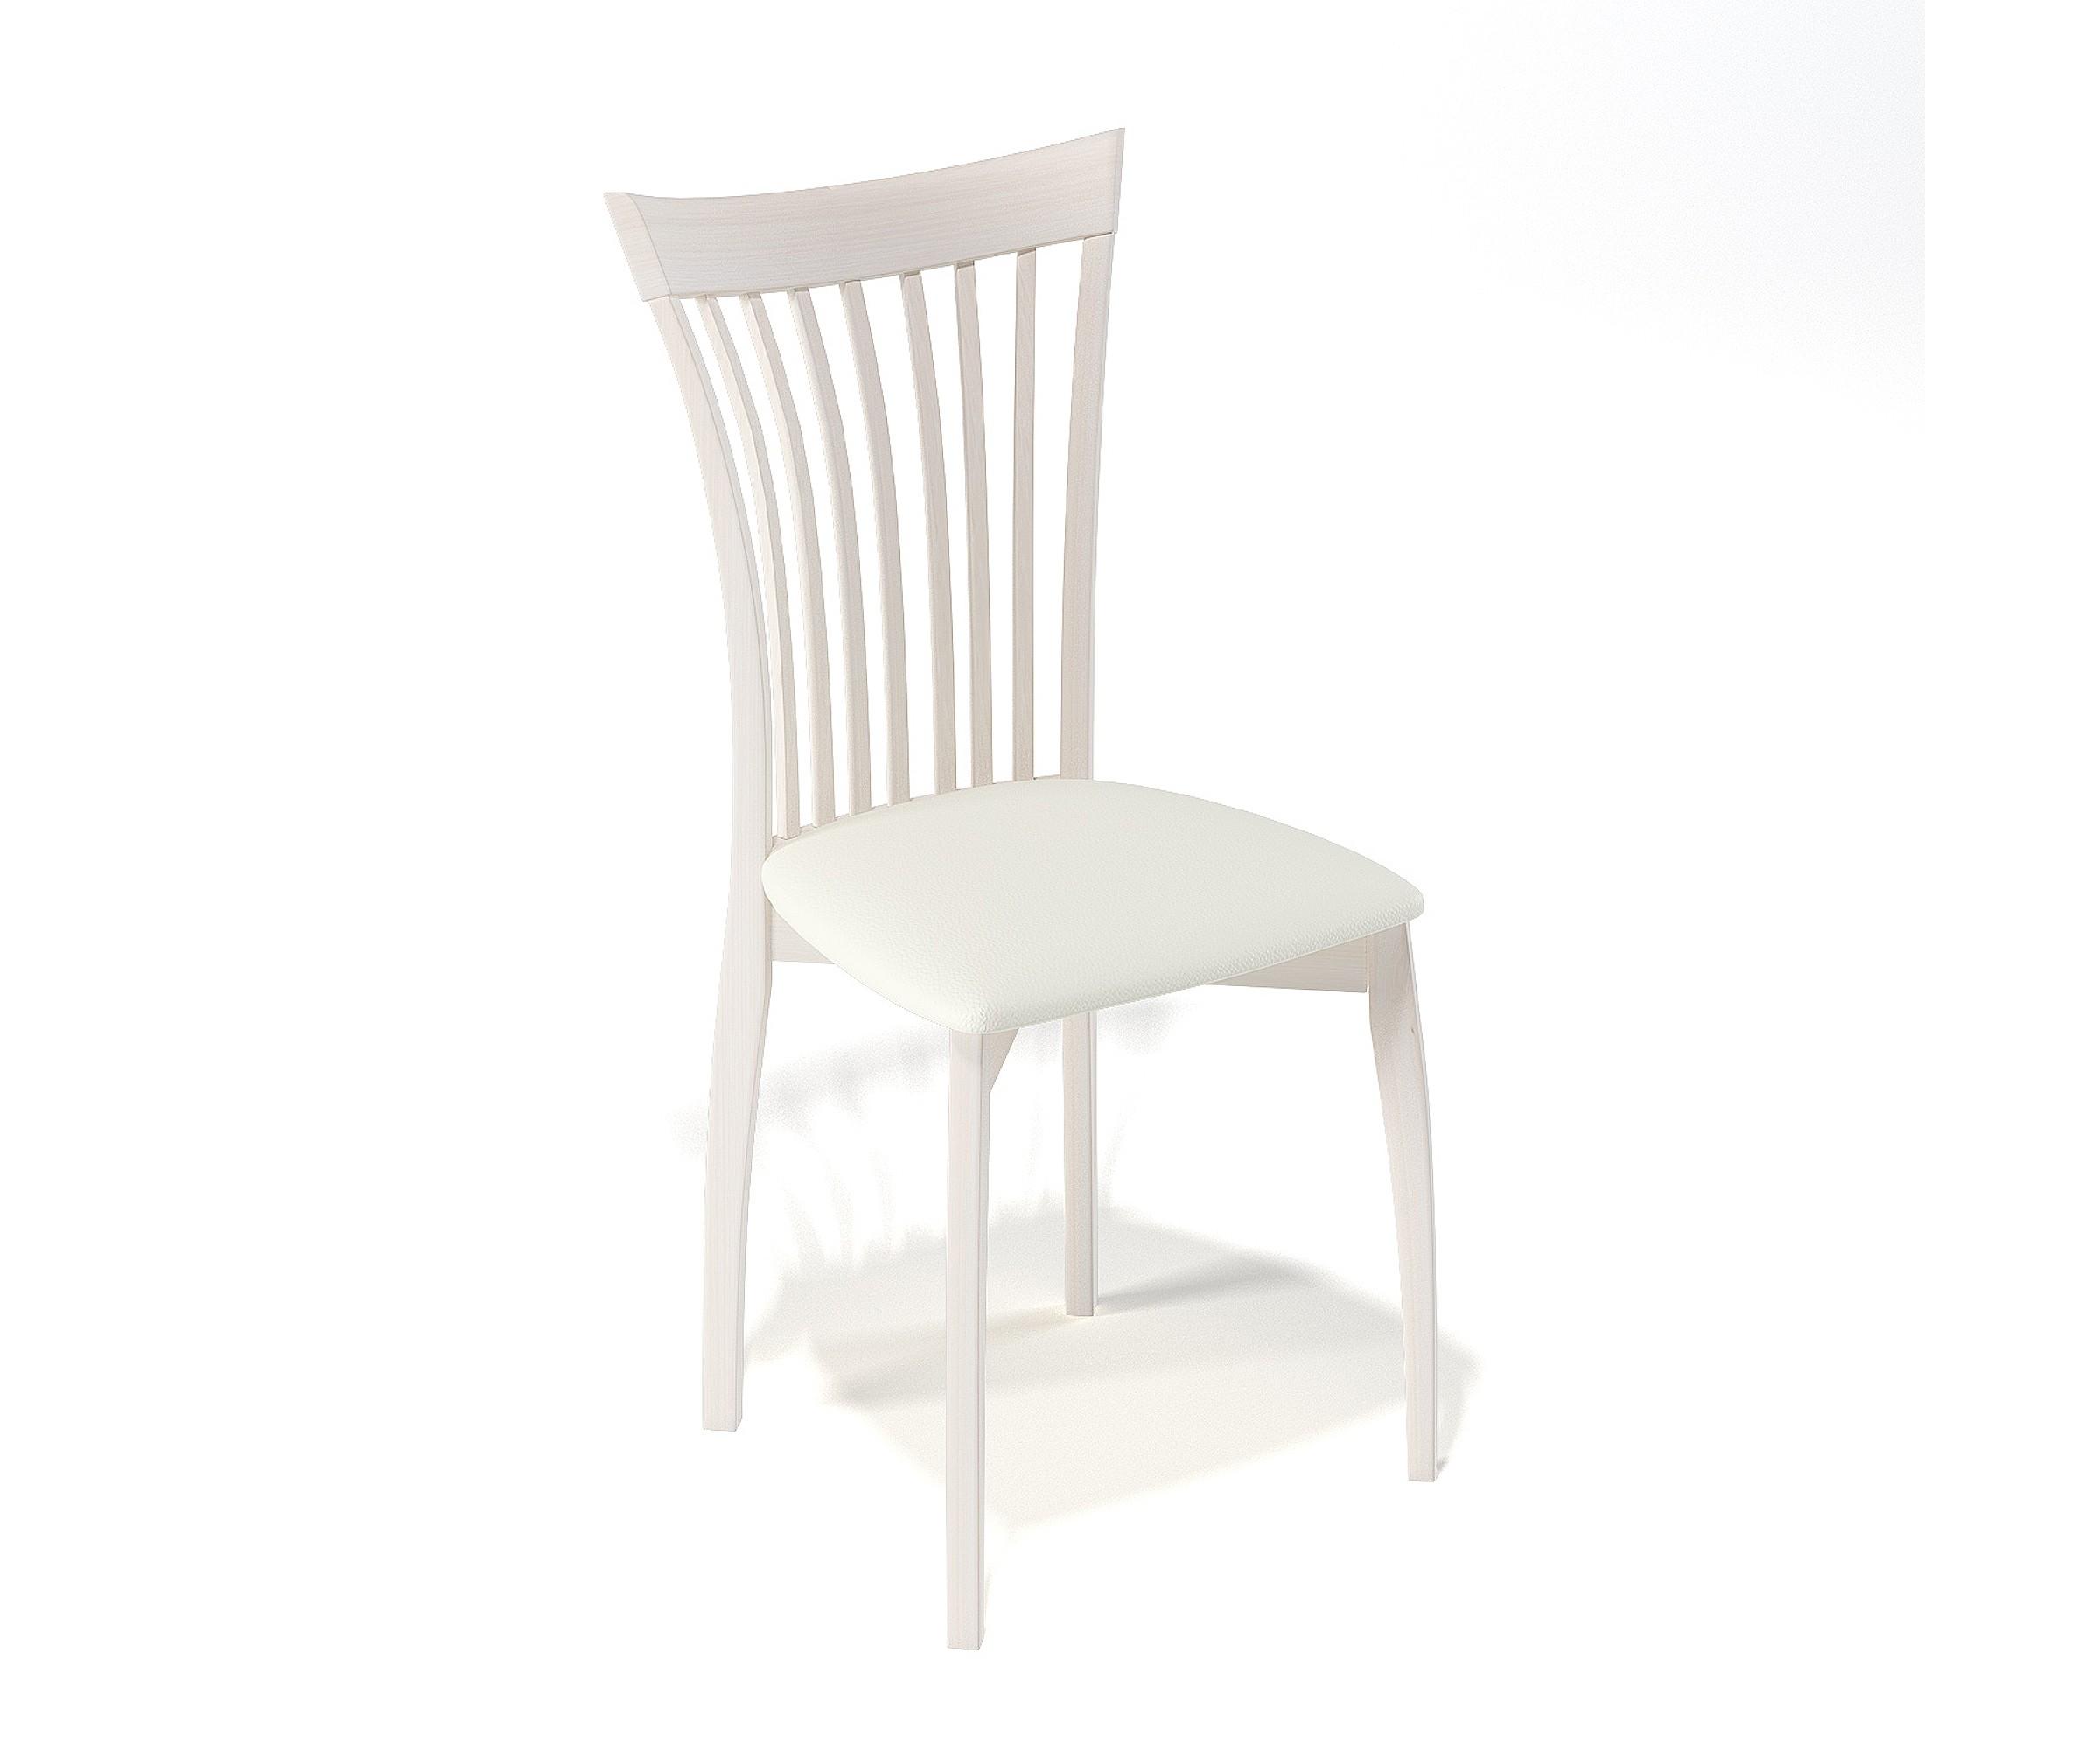 Стул KennerОбеденные стулья<br>Высота от пола до сиденья 46 см.<br><br>Material: Экокожа<br>Ширина см: 43<br>Высота см: 94<br>Глубина см: 41